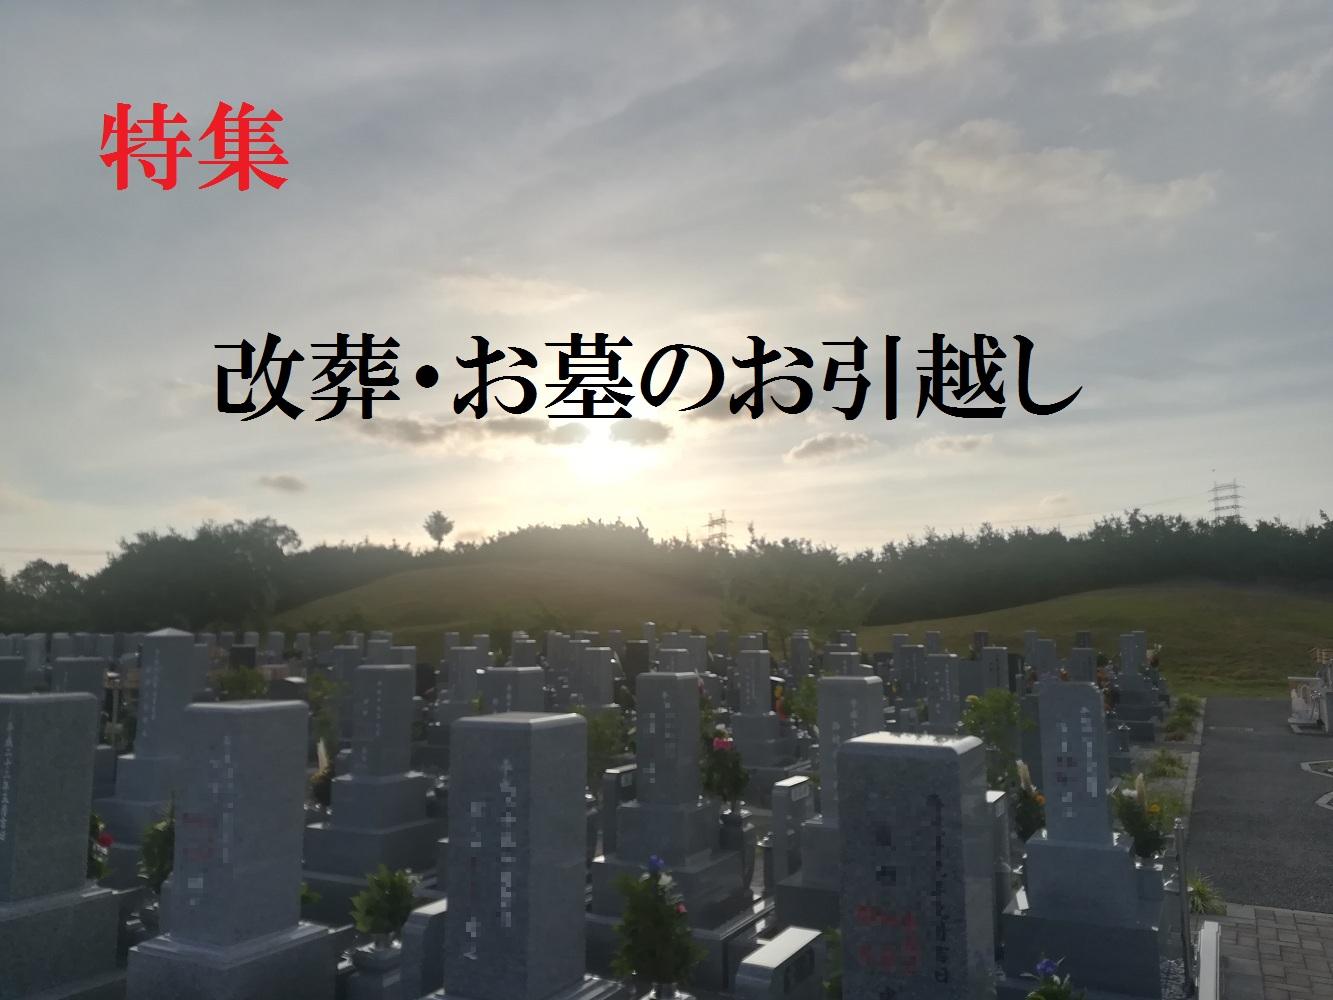 改葬・お墓のお引越し